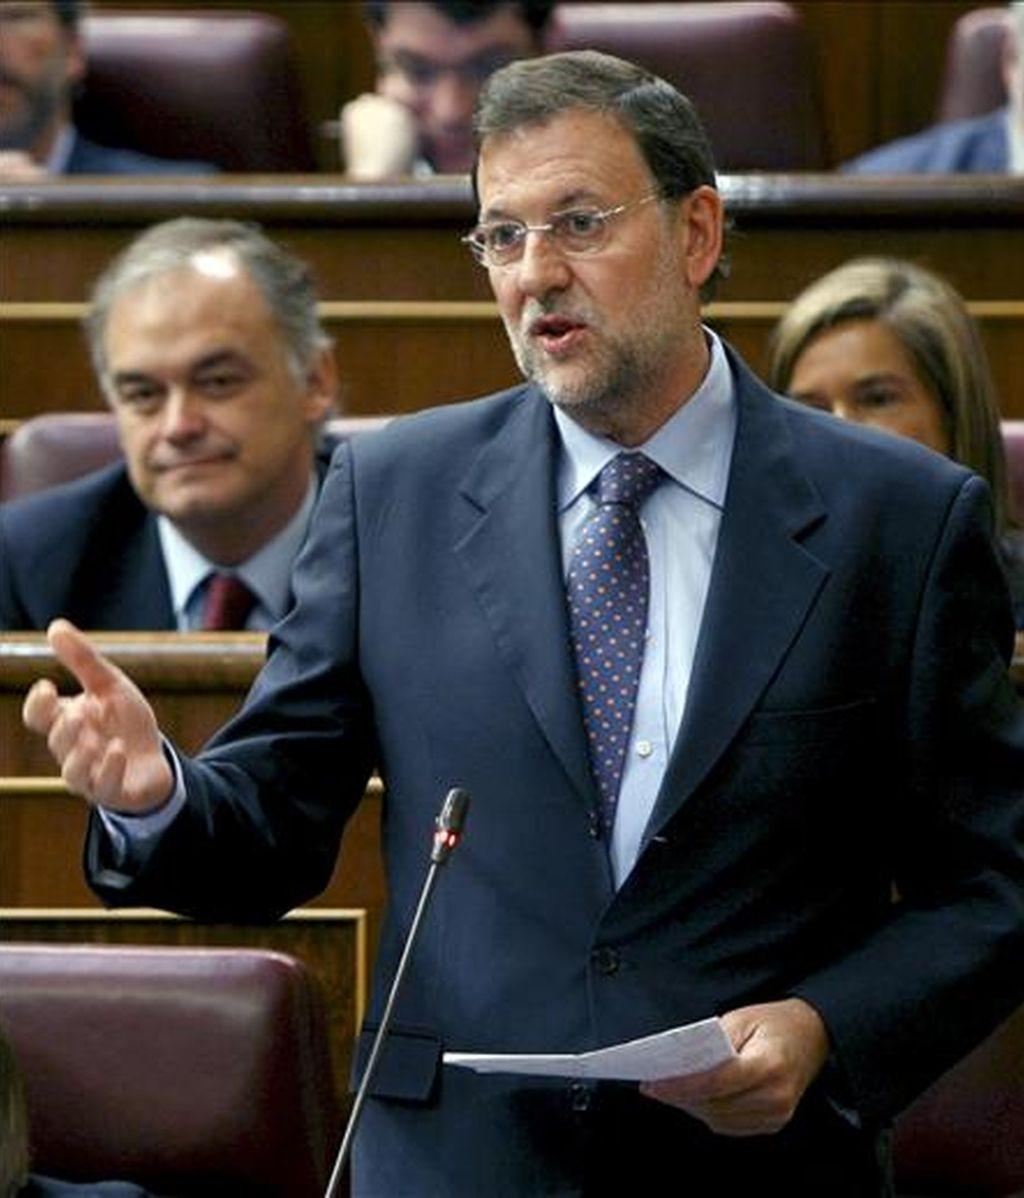 El líder del PP, Mariano Rajoy, durante su intervención en la sesión de control al Gobierno del pleno del Congreso de los Diputados celebrado hoy. EFE